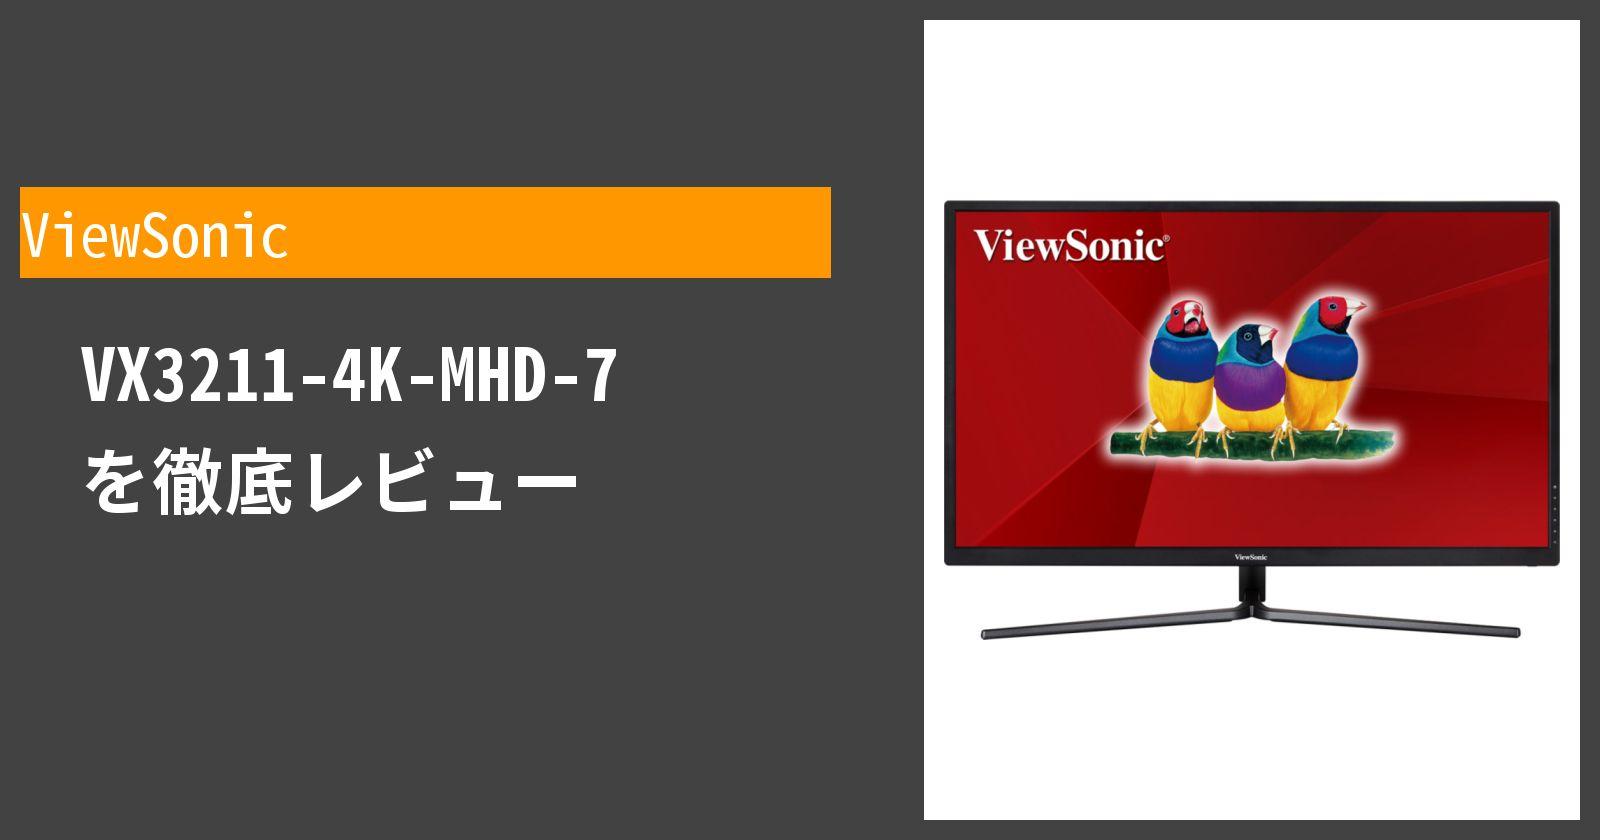 VX3211-4K-MHD-7を徹底評価